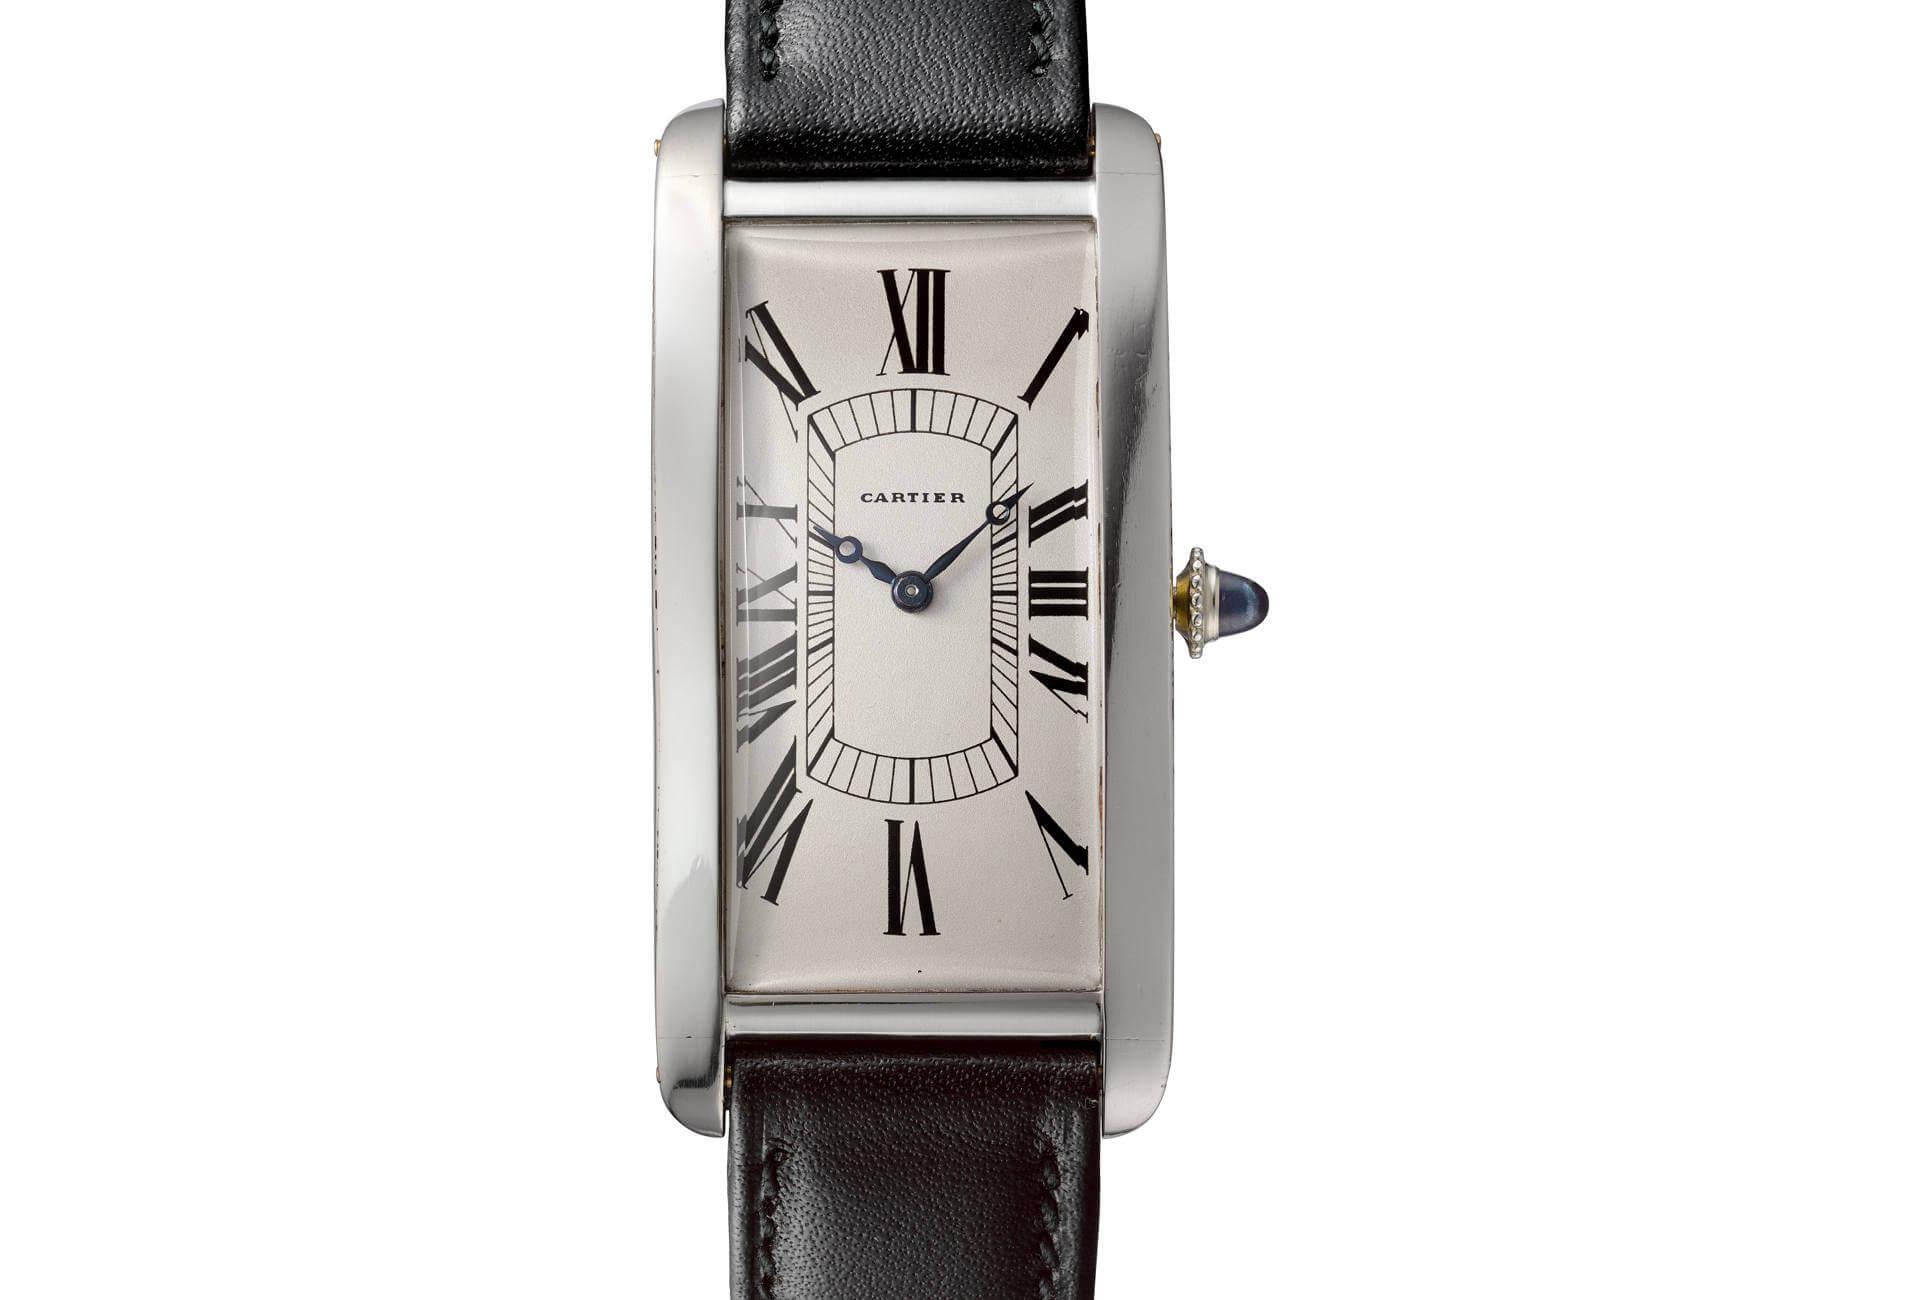 Продать танк часы картье старые часы продать купить